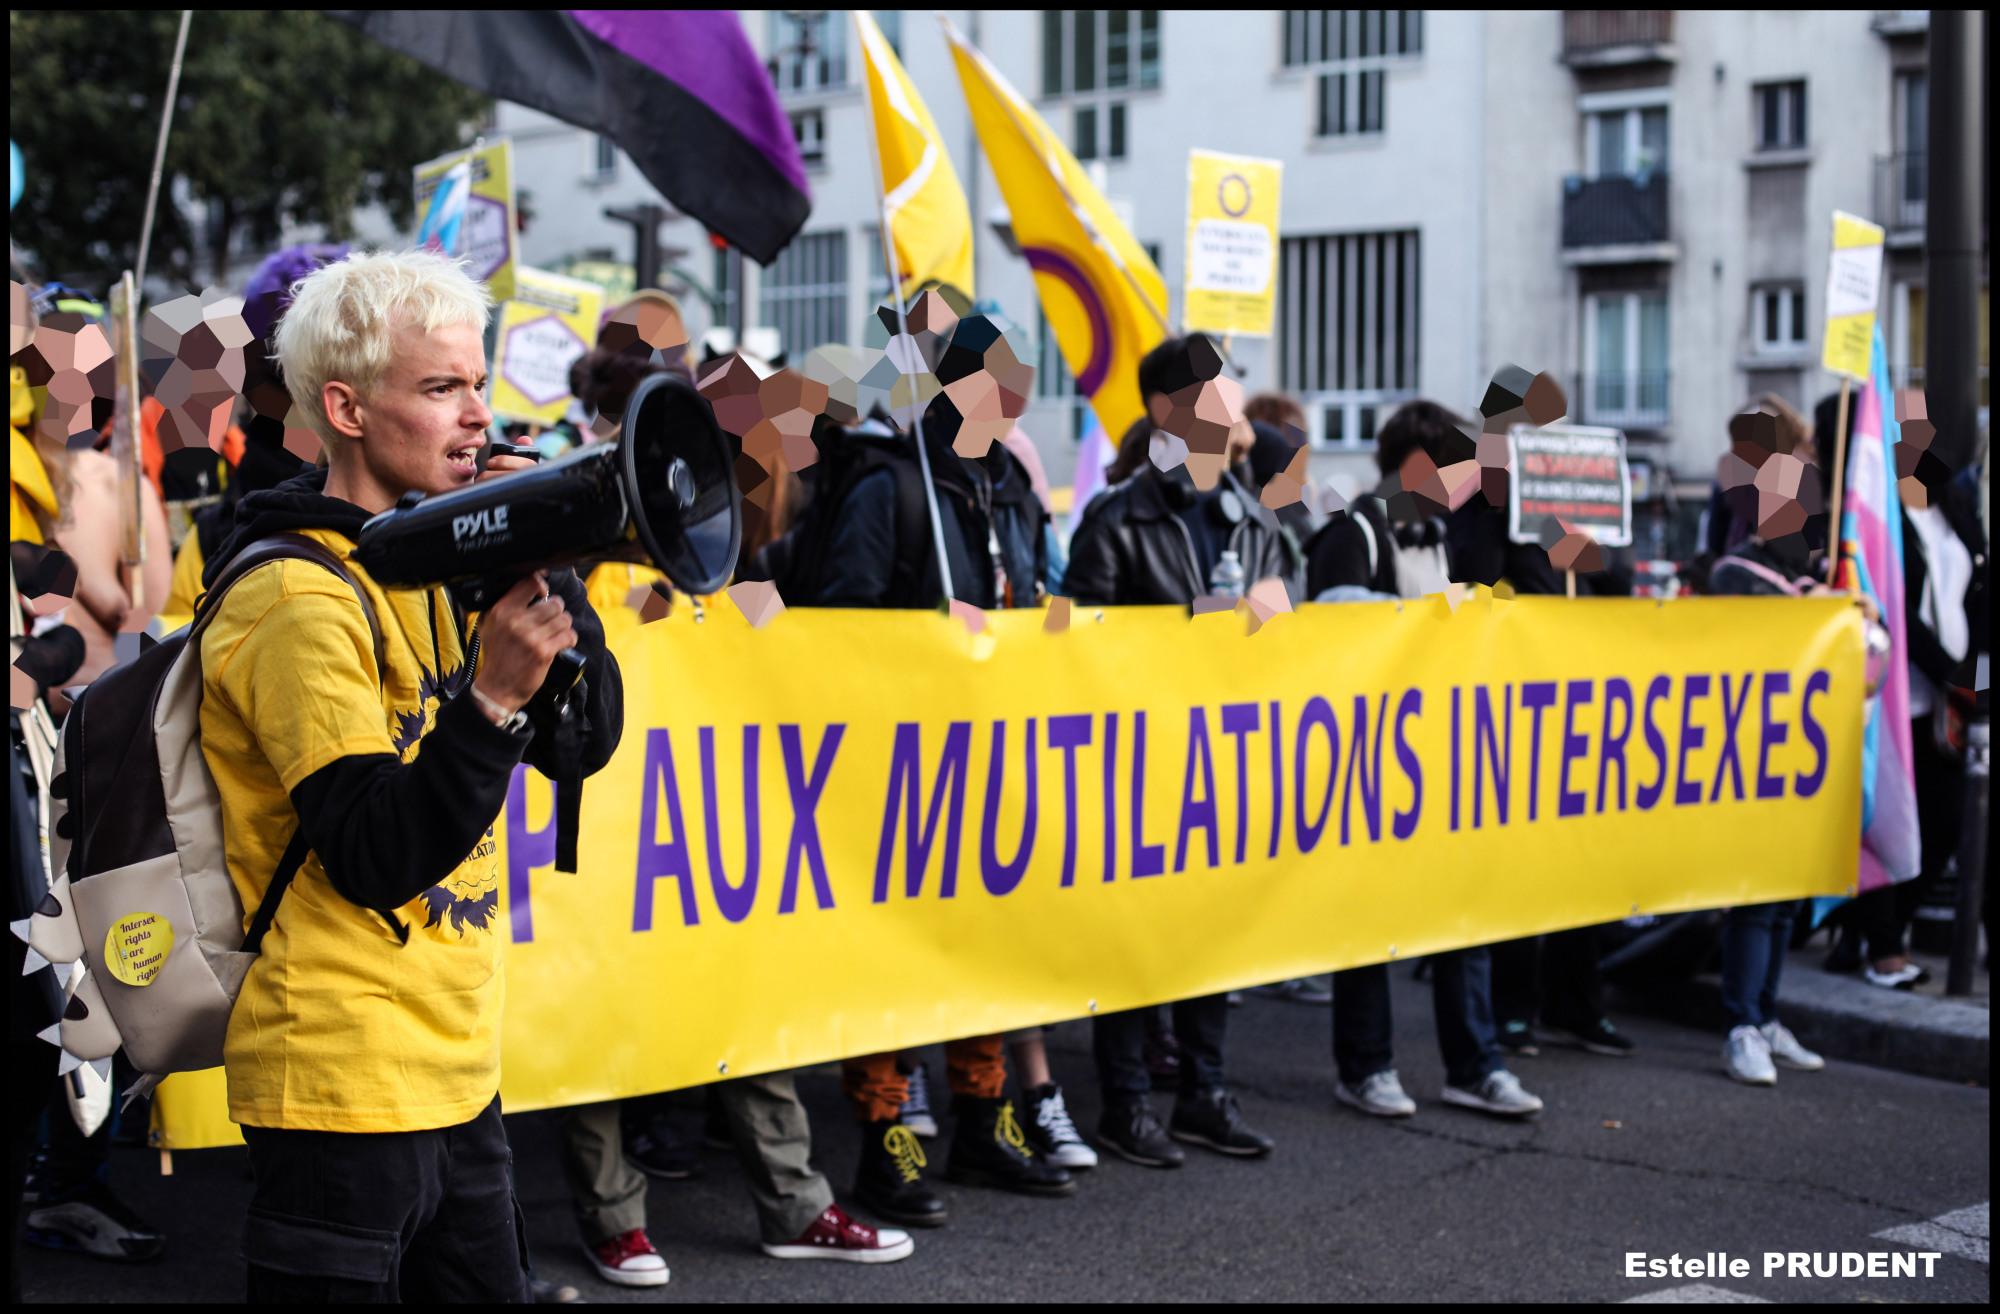 """en manifestation : au premier plan une personne tient un megaphone, devant une bannière annonçant """"stop aux mutilations intersexes"""""""